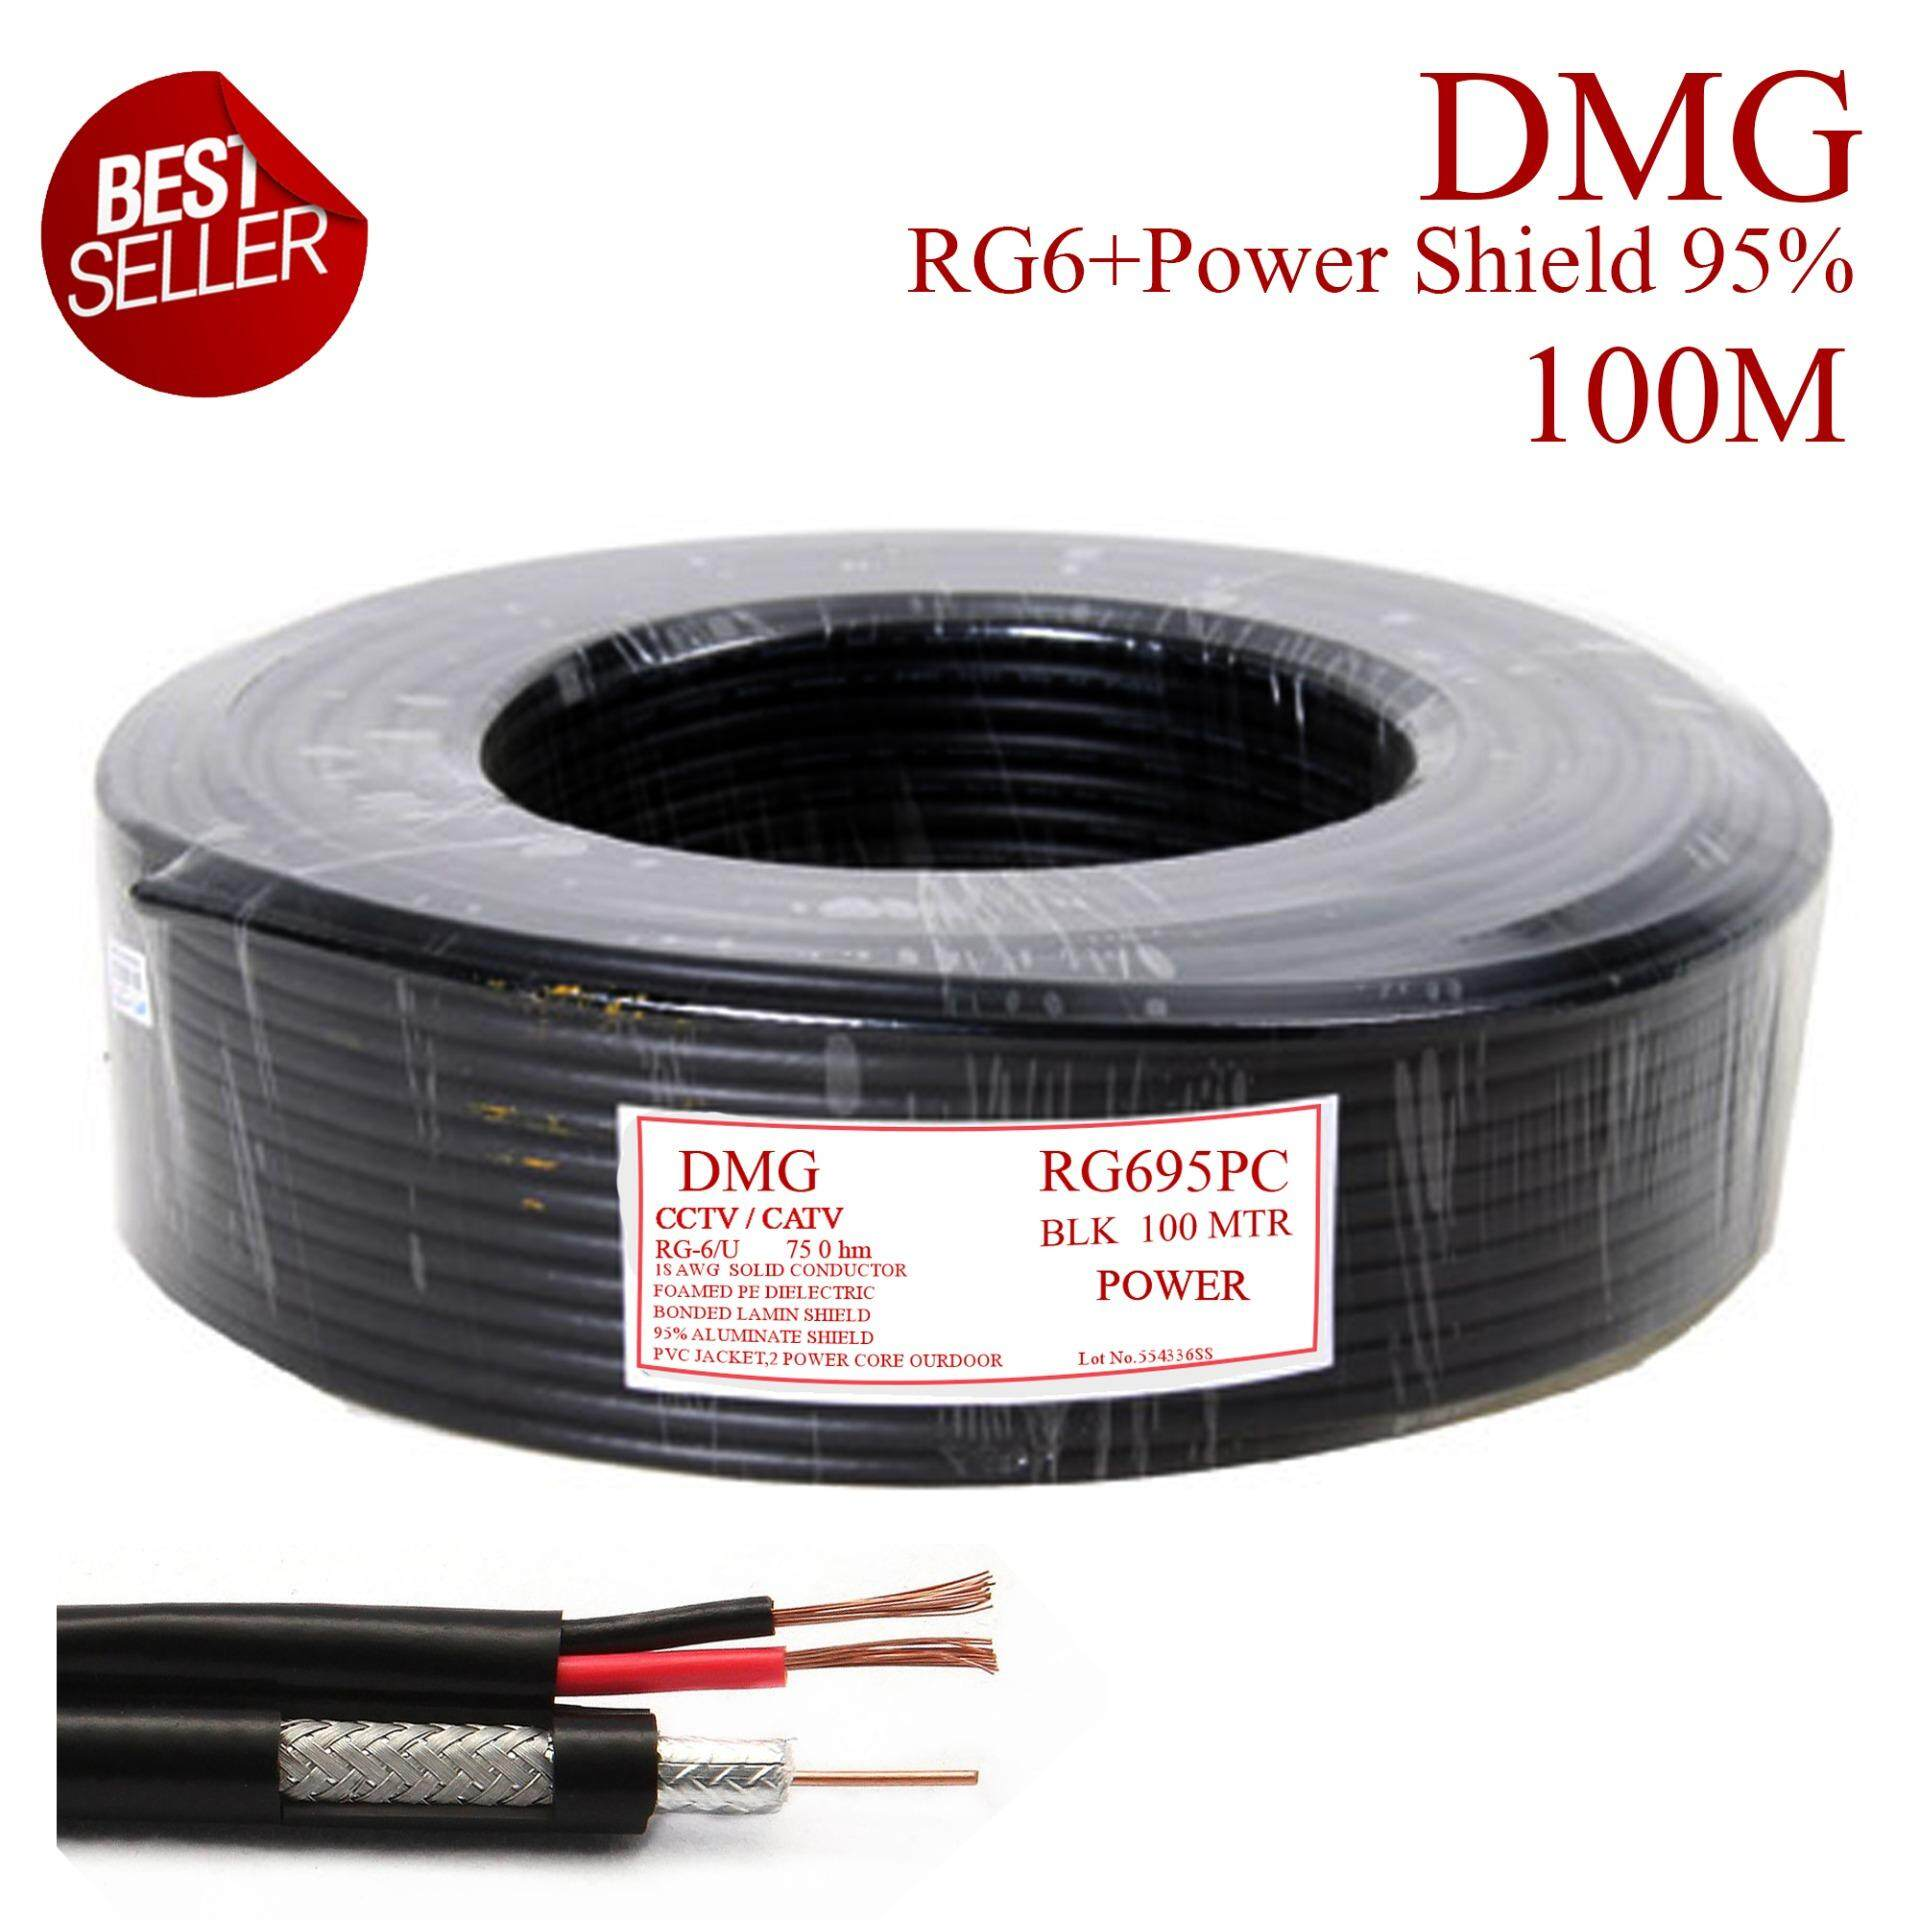 โปรโมชั่น สายนำสัญญาณ Rg6 สายไฟ Shield 95 สายถัก 168 ทองแดง 30 ยาว 100เมตร สำหรับใช้ในการติดตั้งกล้องวงจรปิด Dmg Mawin ใหม่ล่าสุด